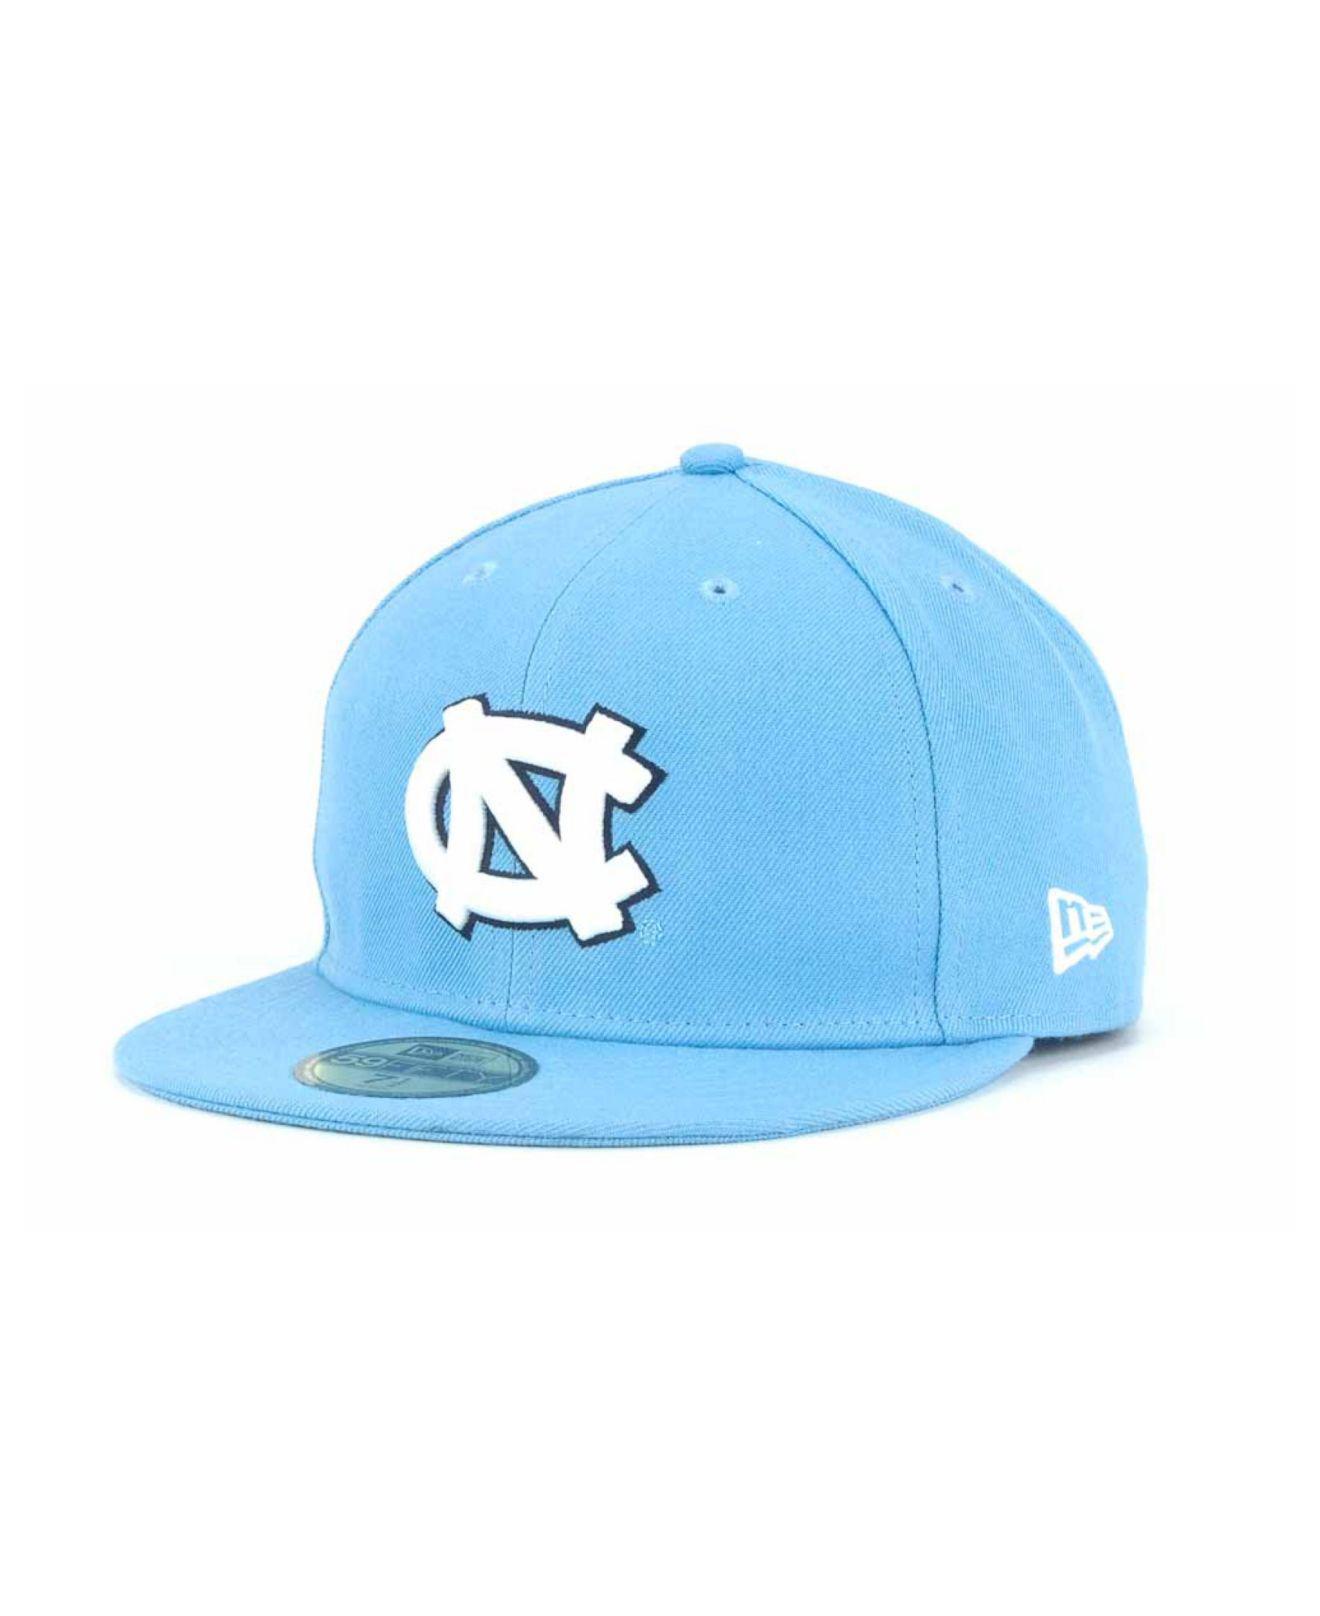 75e710fb55c Lyst - KTZ North Carolina Tar Heels 59fifty Cap in Blue for Men